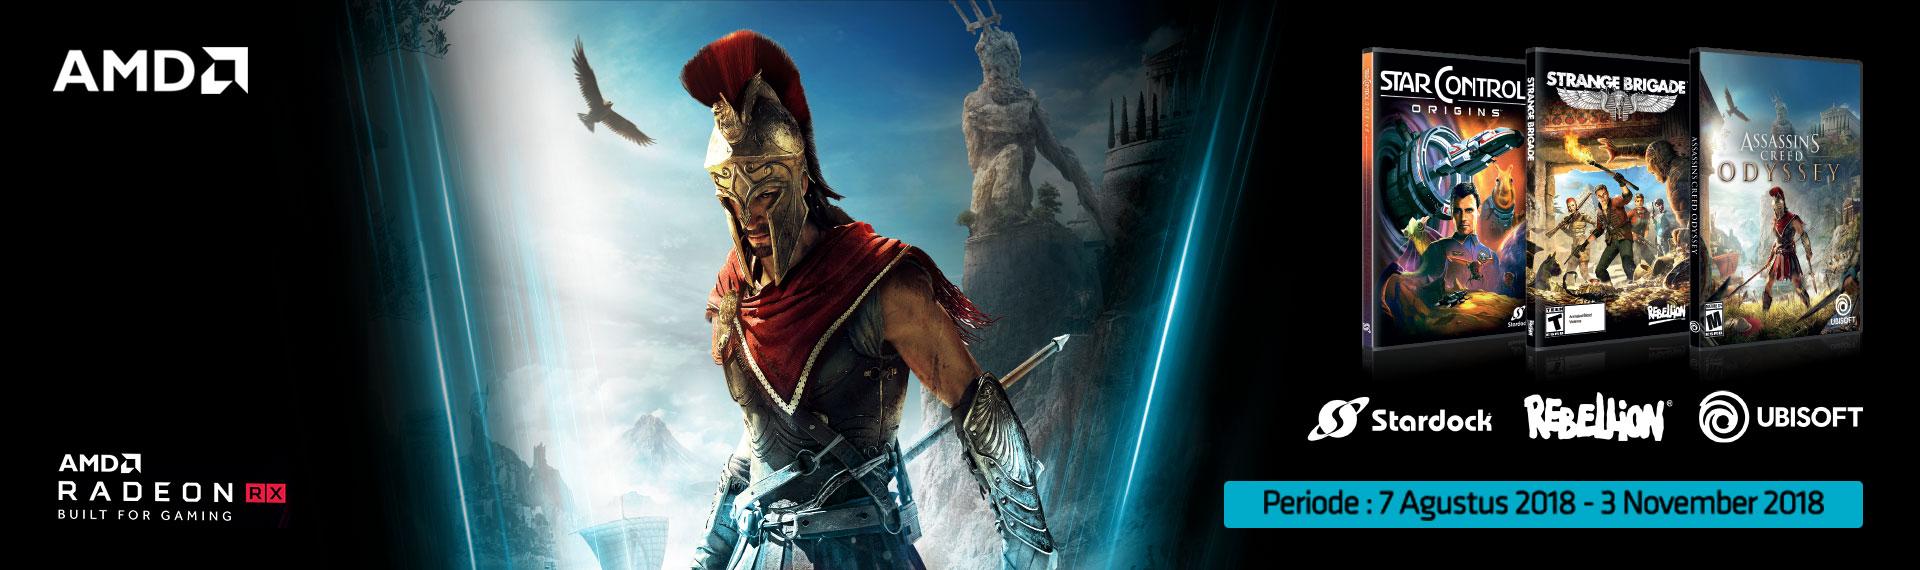 Beli Predator Helios 500, Gratis Assassin's Creed: Odyssey dan Game Lainnya!